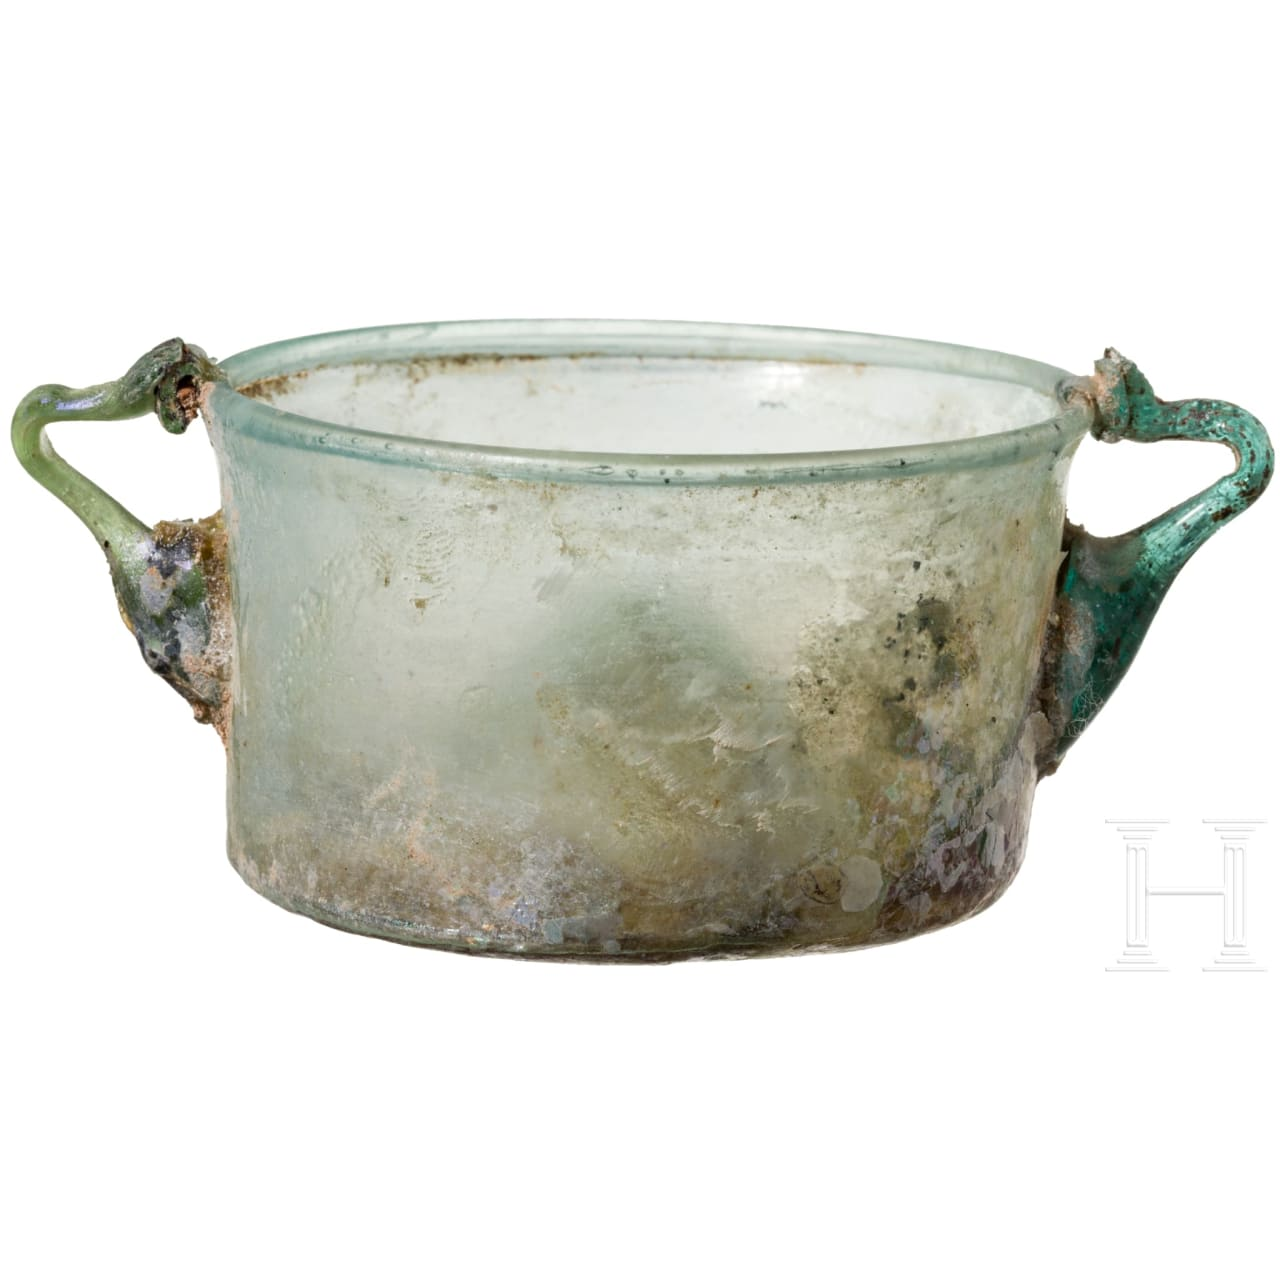 A Roman glass beaker, 2nd - 3rd century